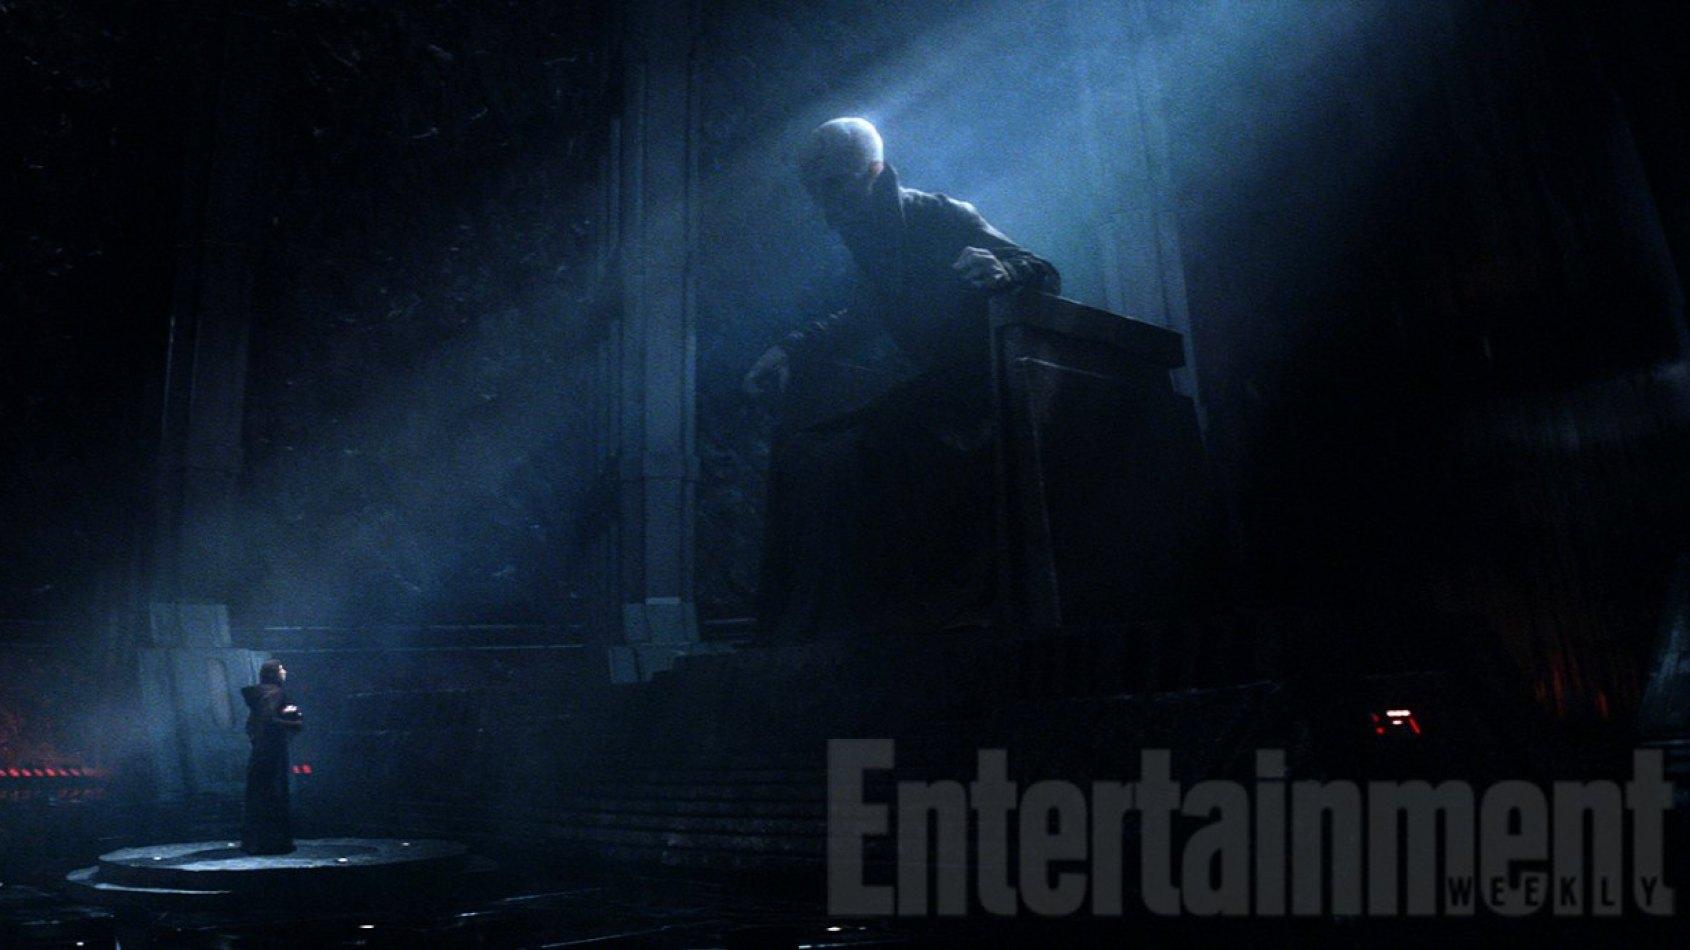 La conversion de Kylo Ren par Snoke au côté obscur dévoilée